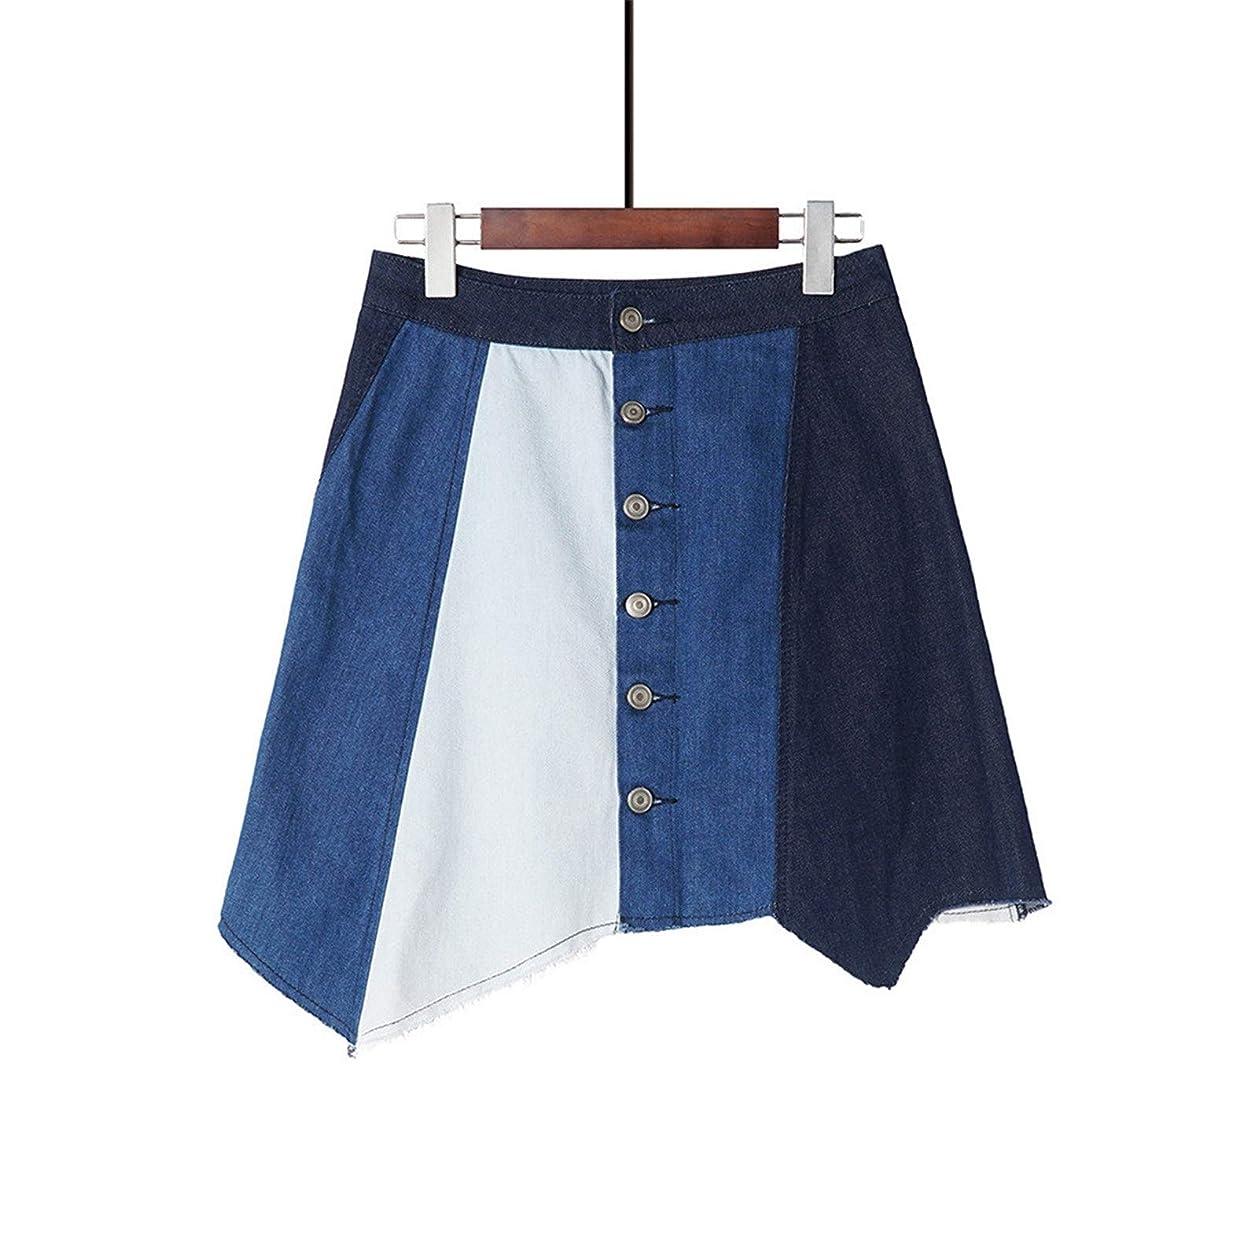 数学者肥沃なトマトレディーススカート 夏プラスサイズのスカートの女性の不規則なコントラストワンピースデニムスカートブレストショートスカート スリム フィット (Color : Blue, Size : Large)